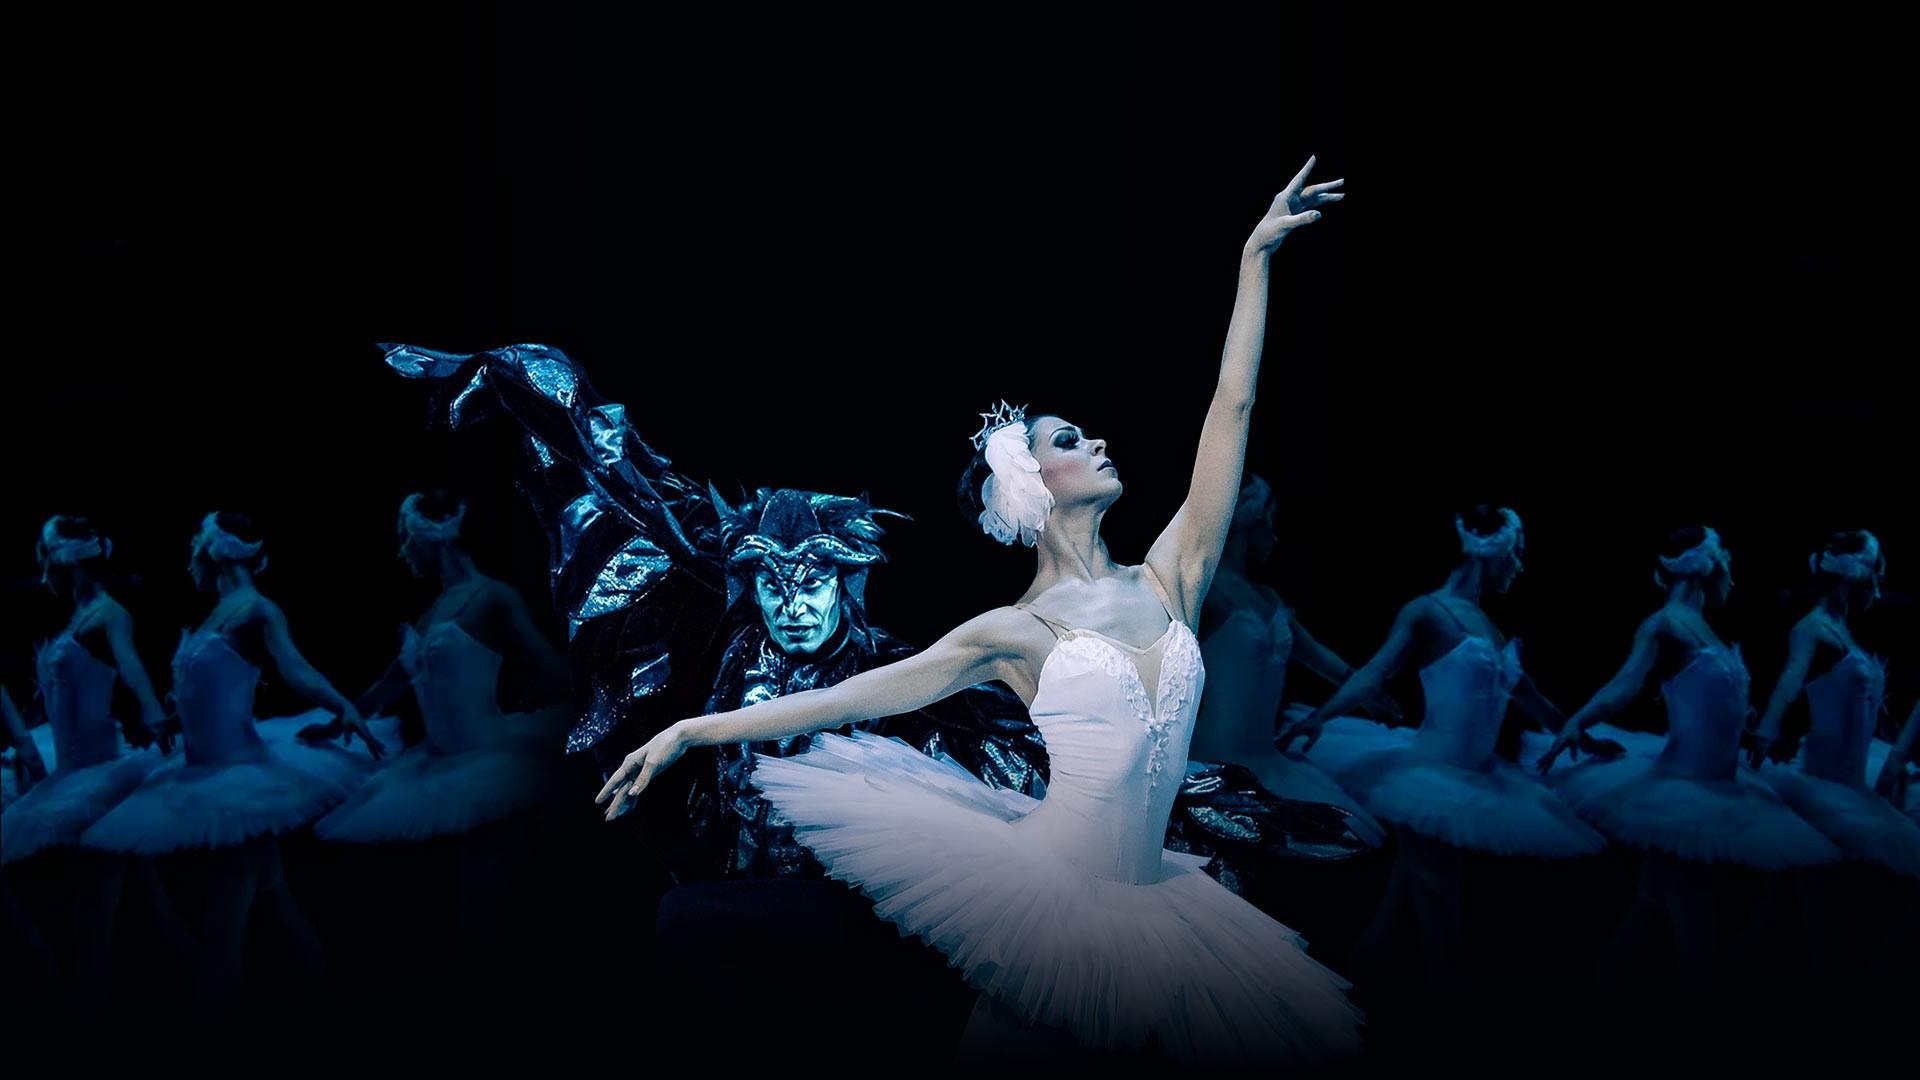 """VIII Международный фестиваль балета в Кремле. Лебединое озеро. П. Чайковский. Спектакль театра """"Кремлёвский балет"""""""